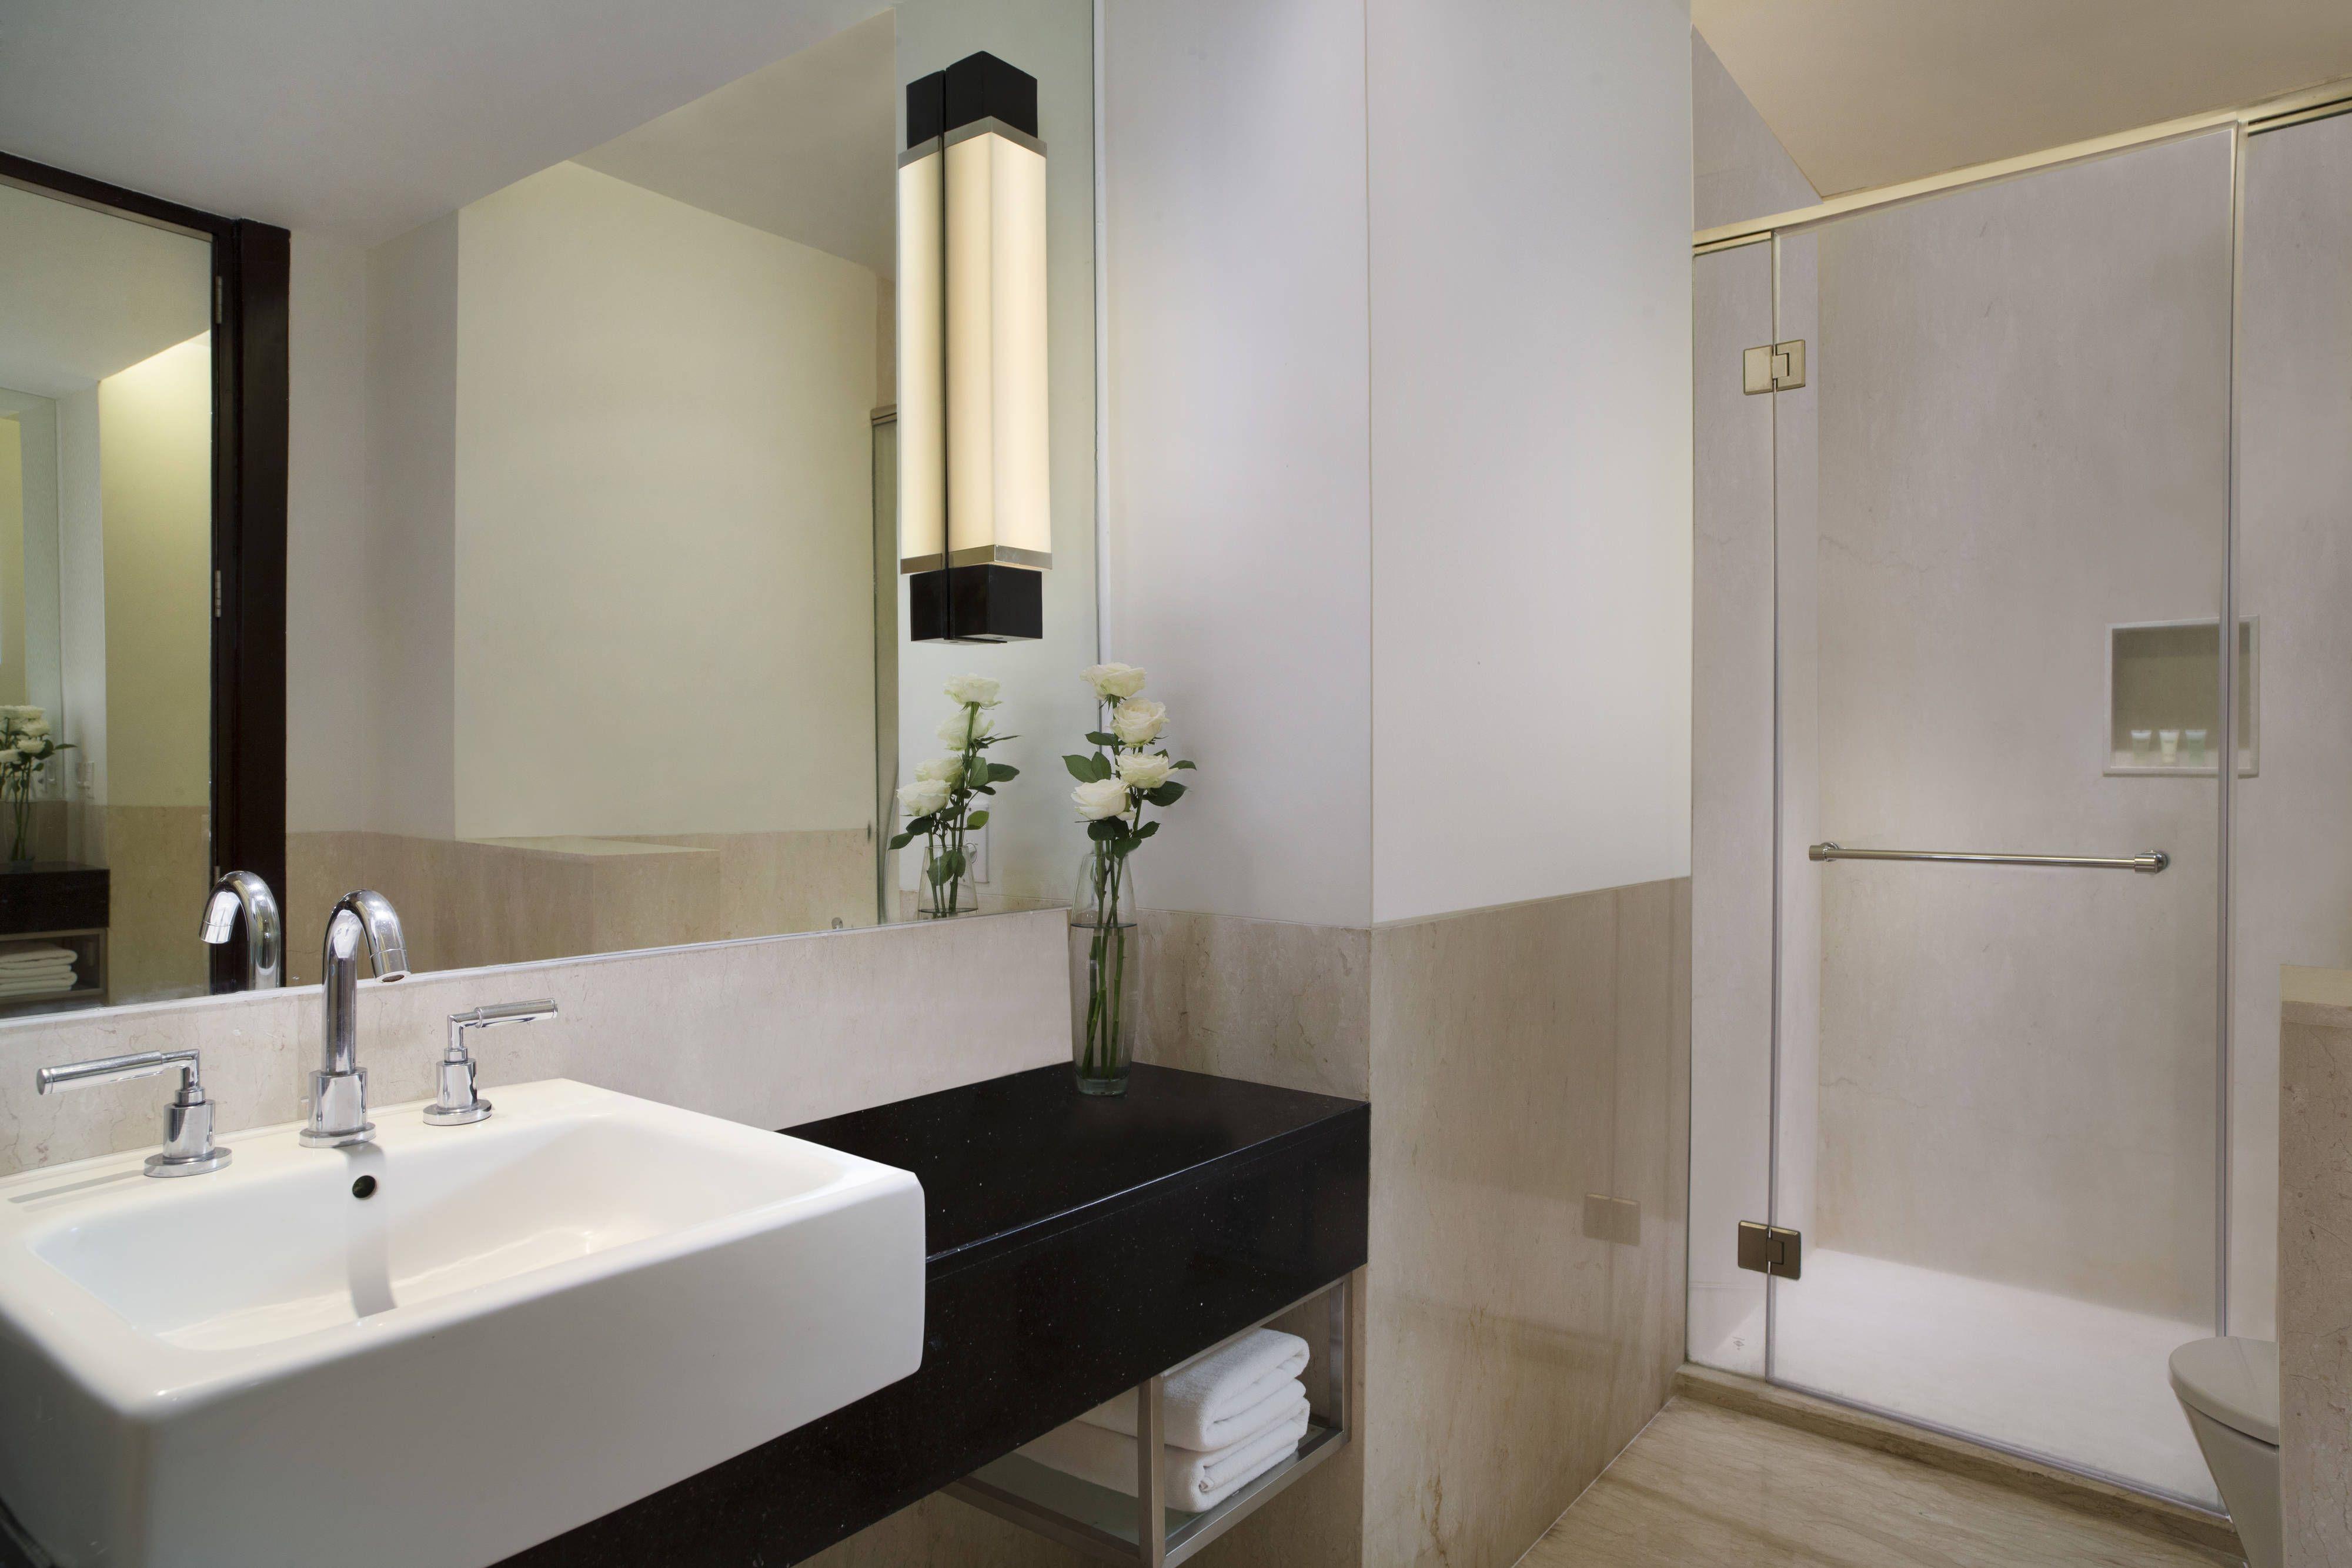 courtyard bandung dago bathroom premier travel hotels hotel rh pinterest ca